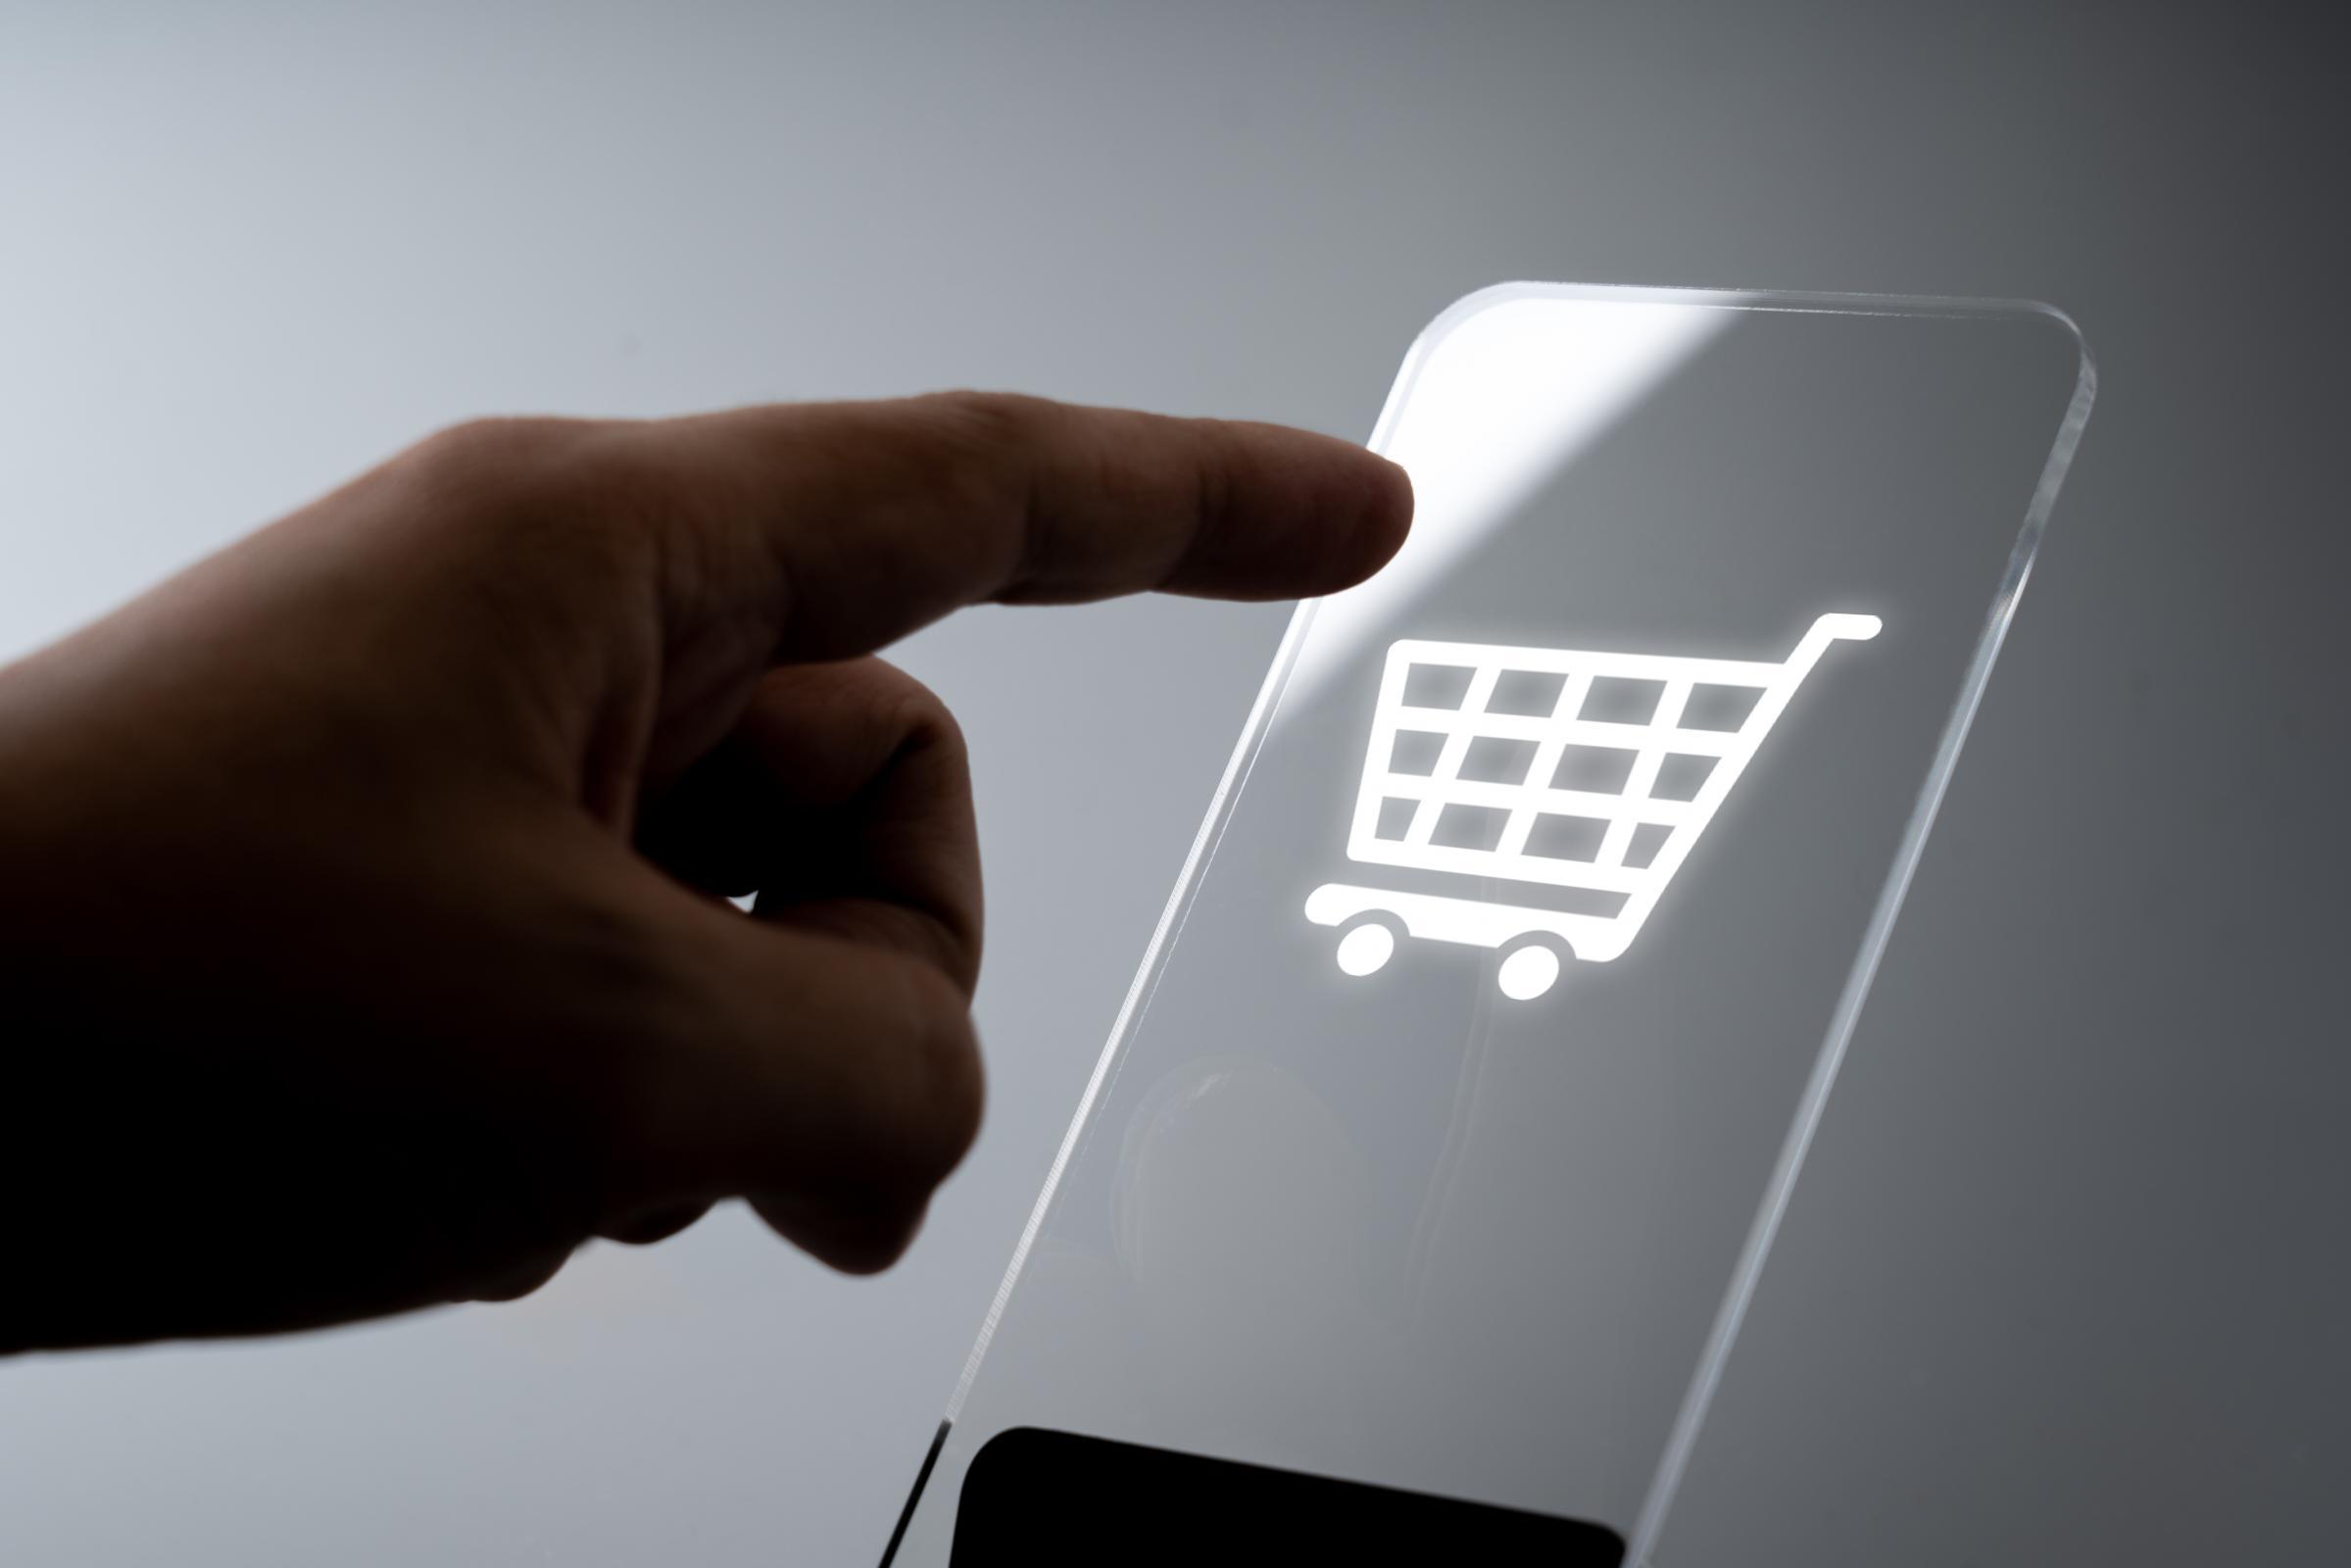 Procura por sites e aplicativos de comércio eletrônico cresce 50% em empresa da PB